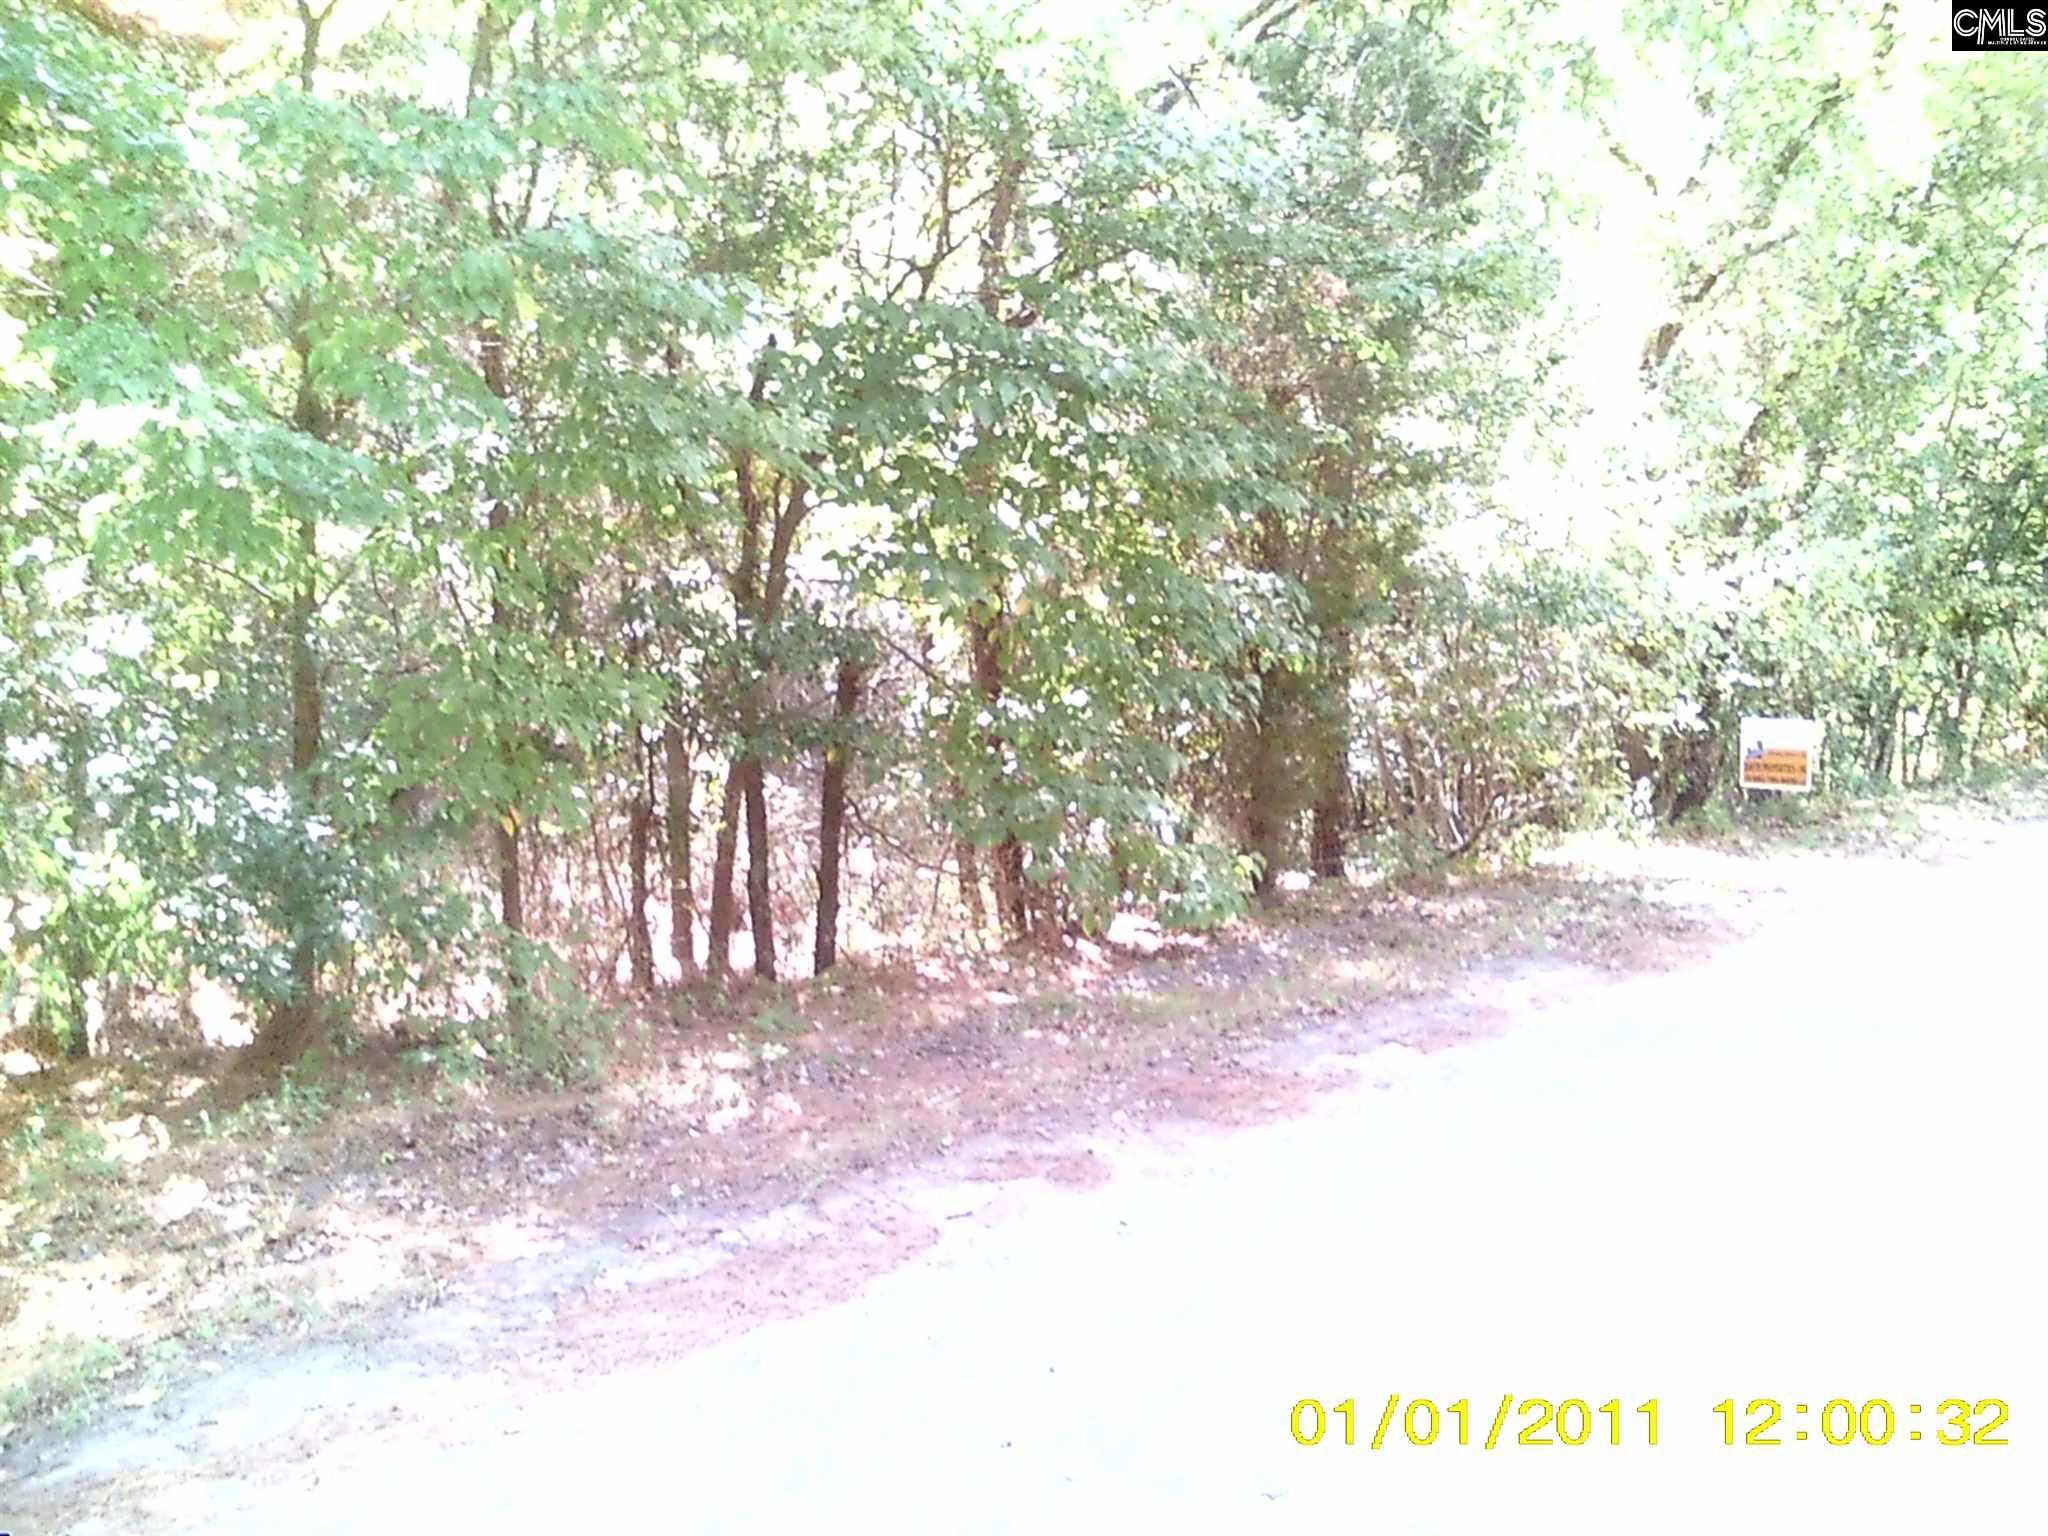 Road West Columbia, SC 29073